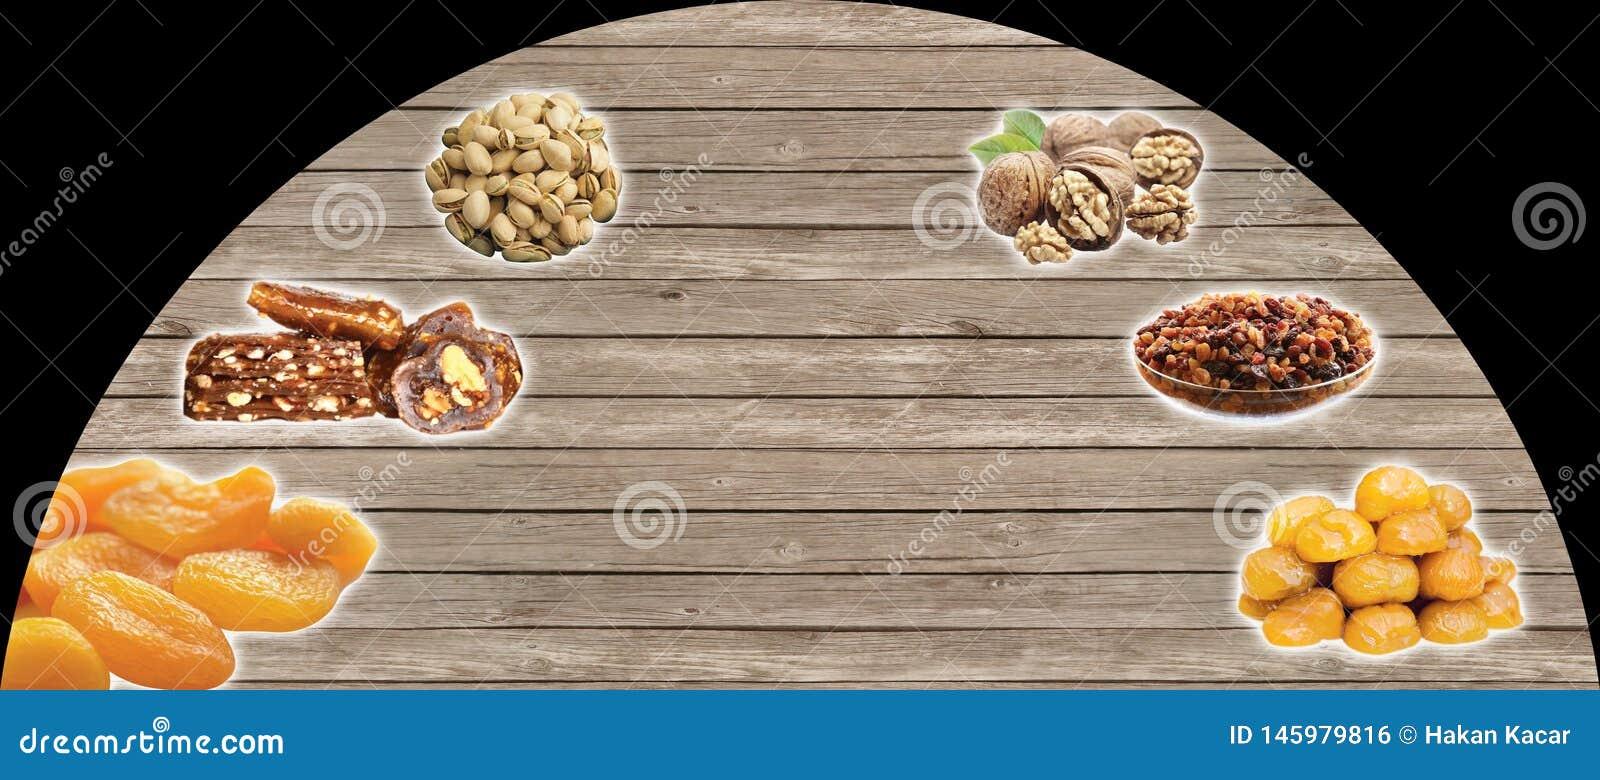 Türkische Nüsse, die Türkischen sprechen: kuruyemis